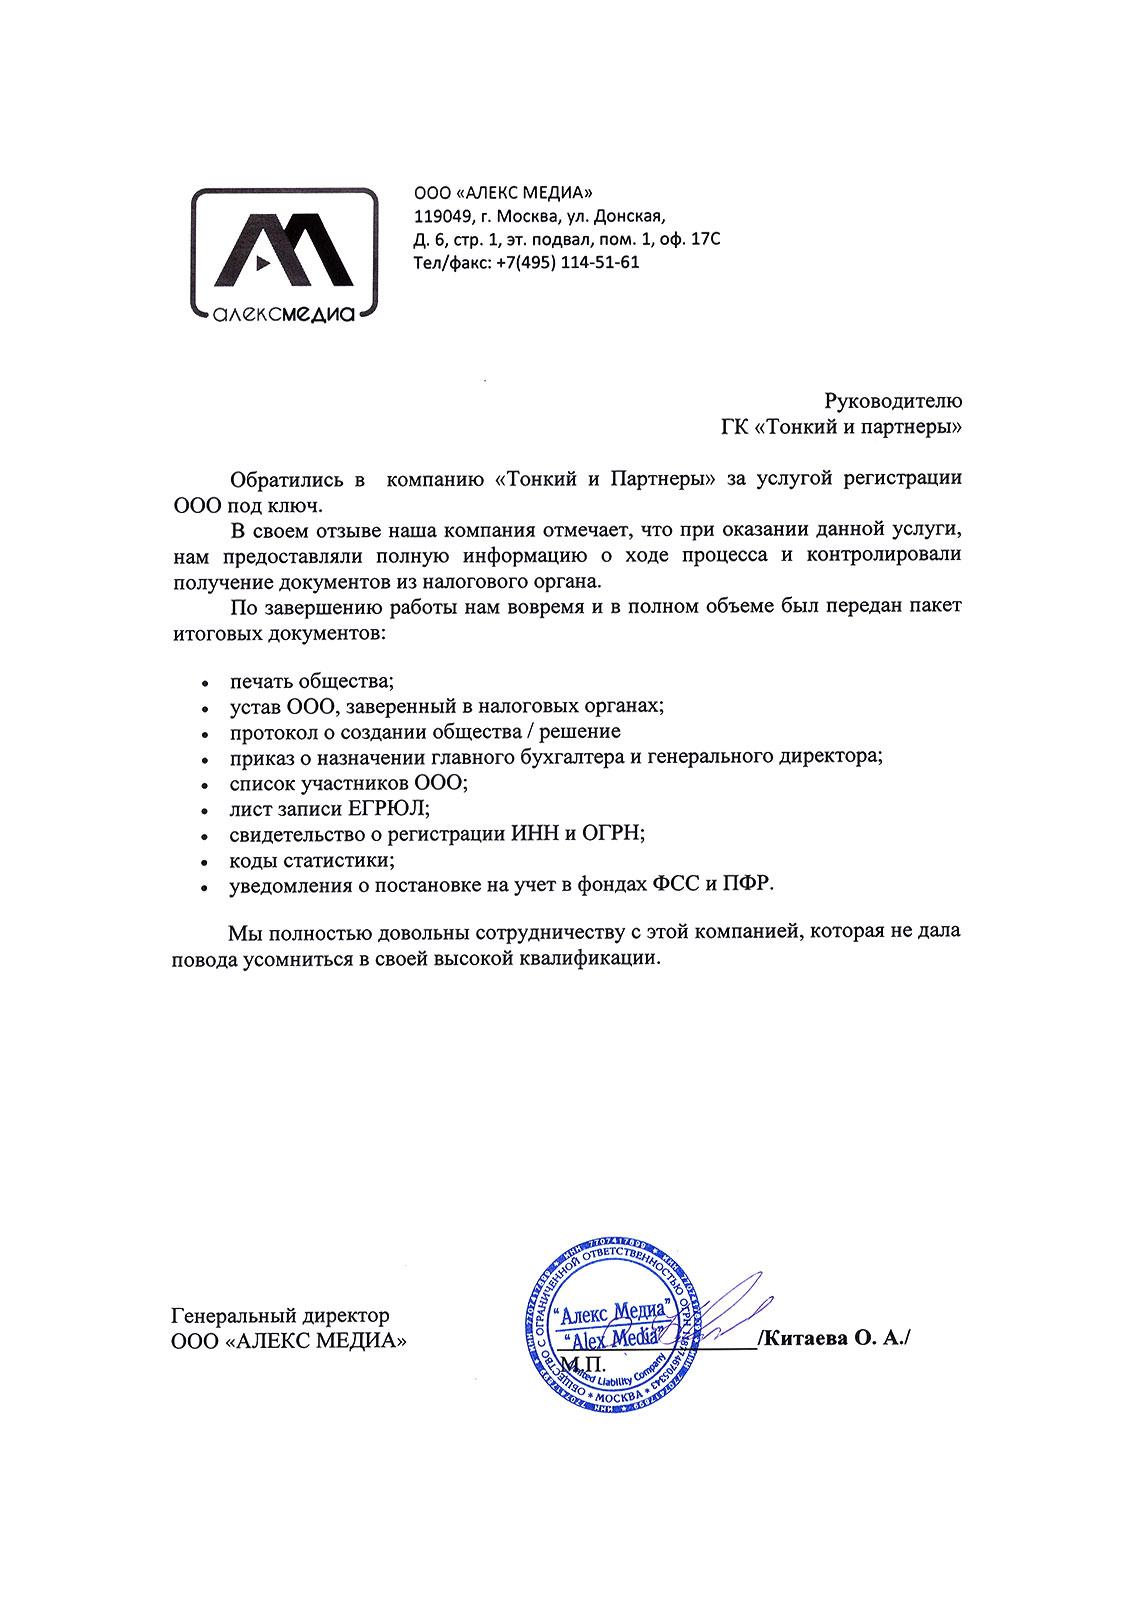 Ставрополь номер телефона горячей линии став кредита